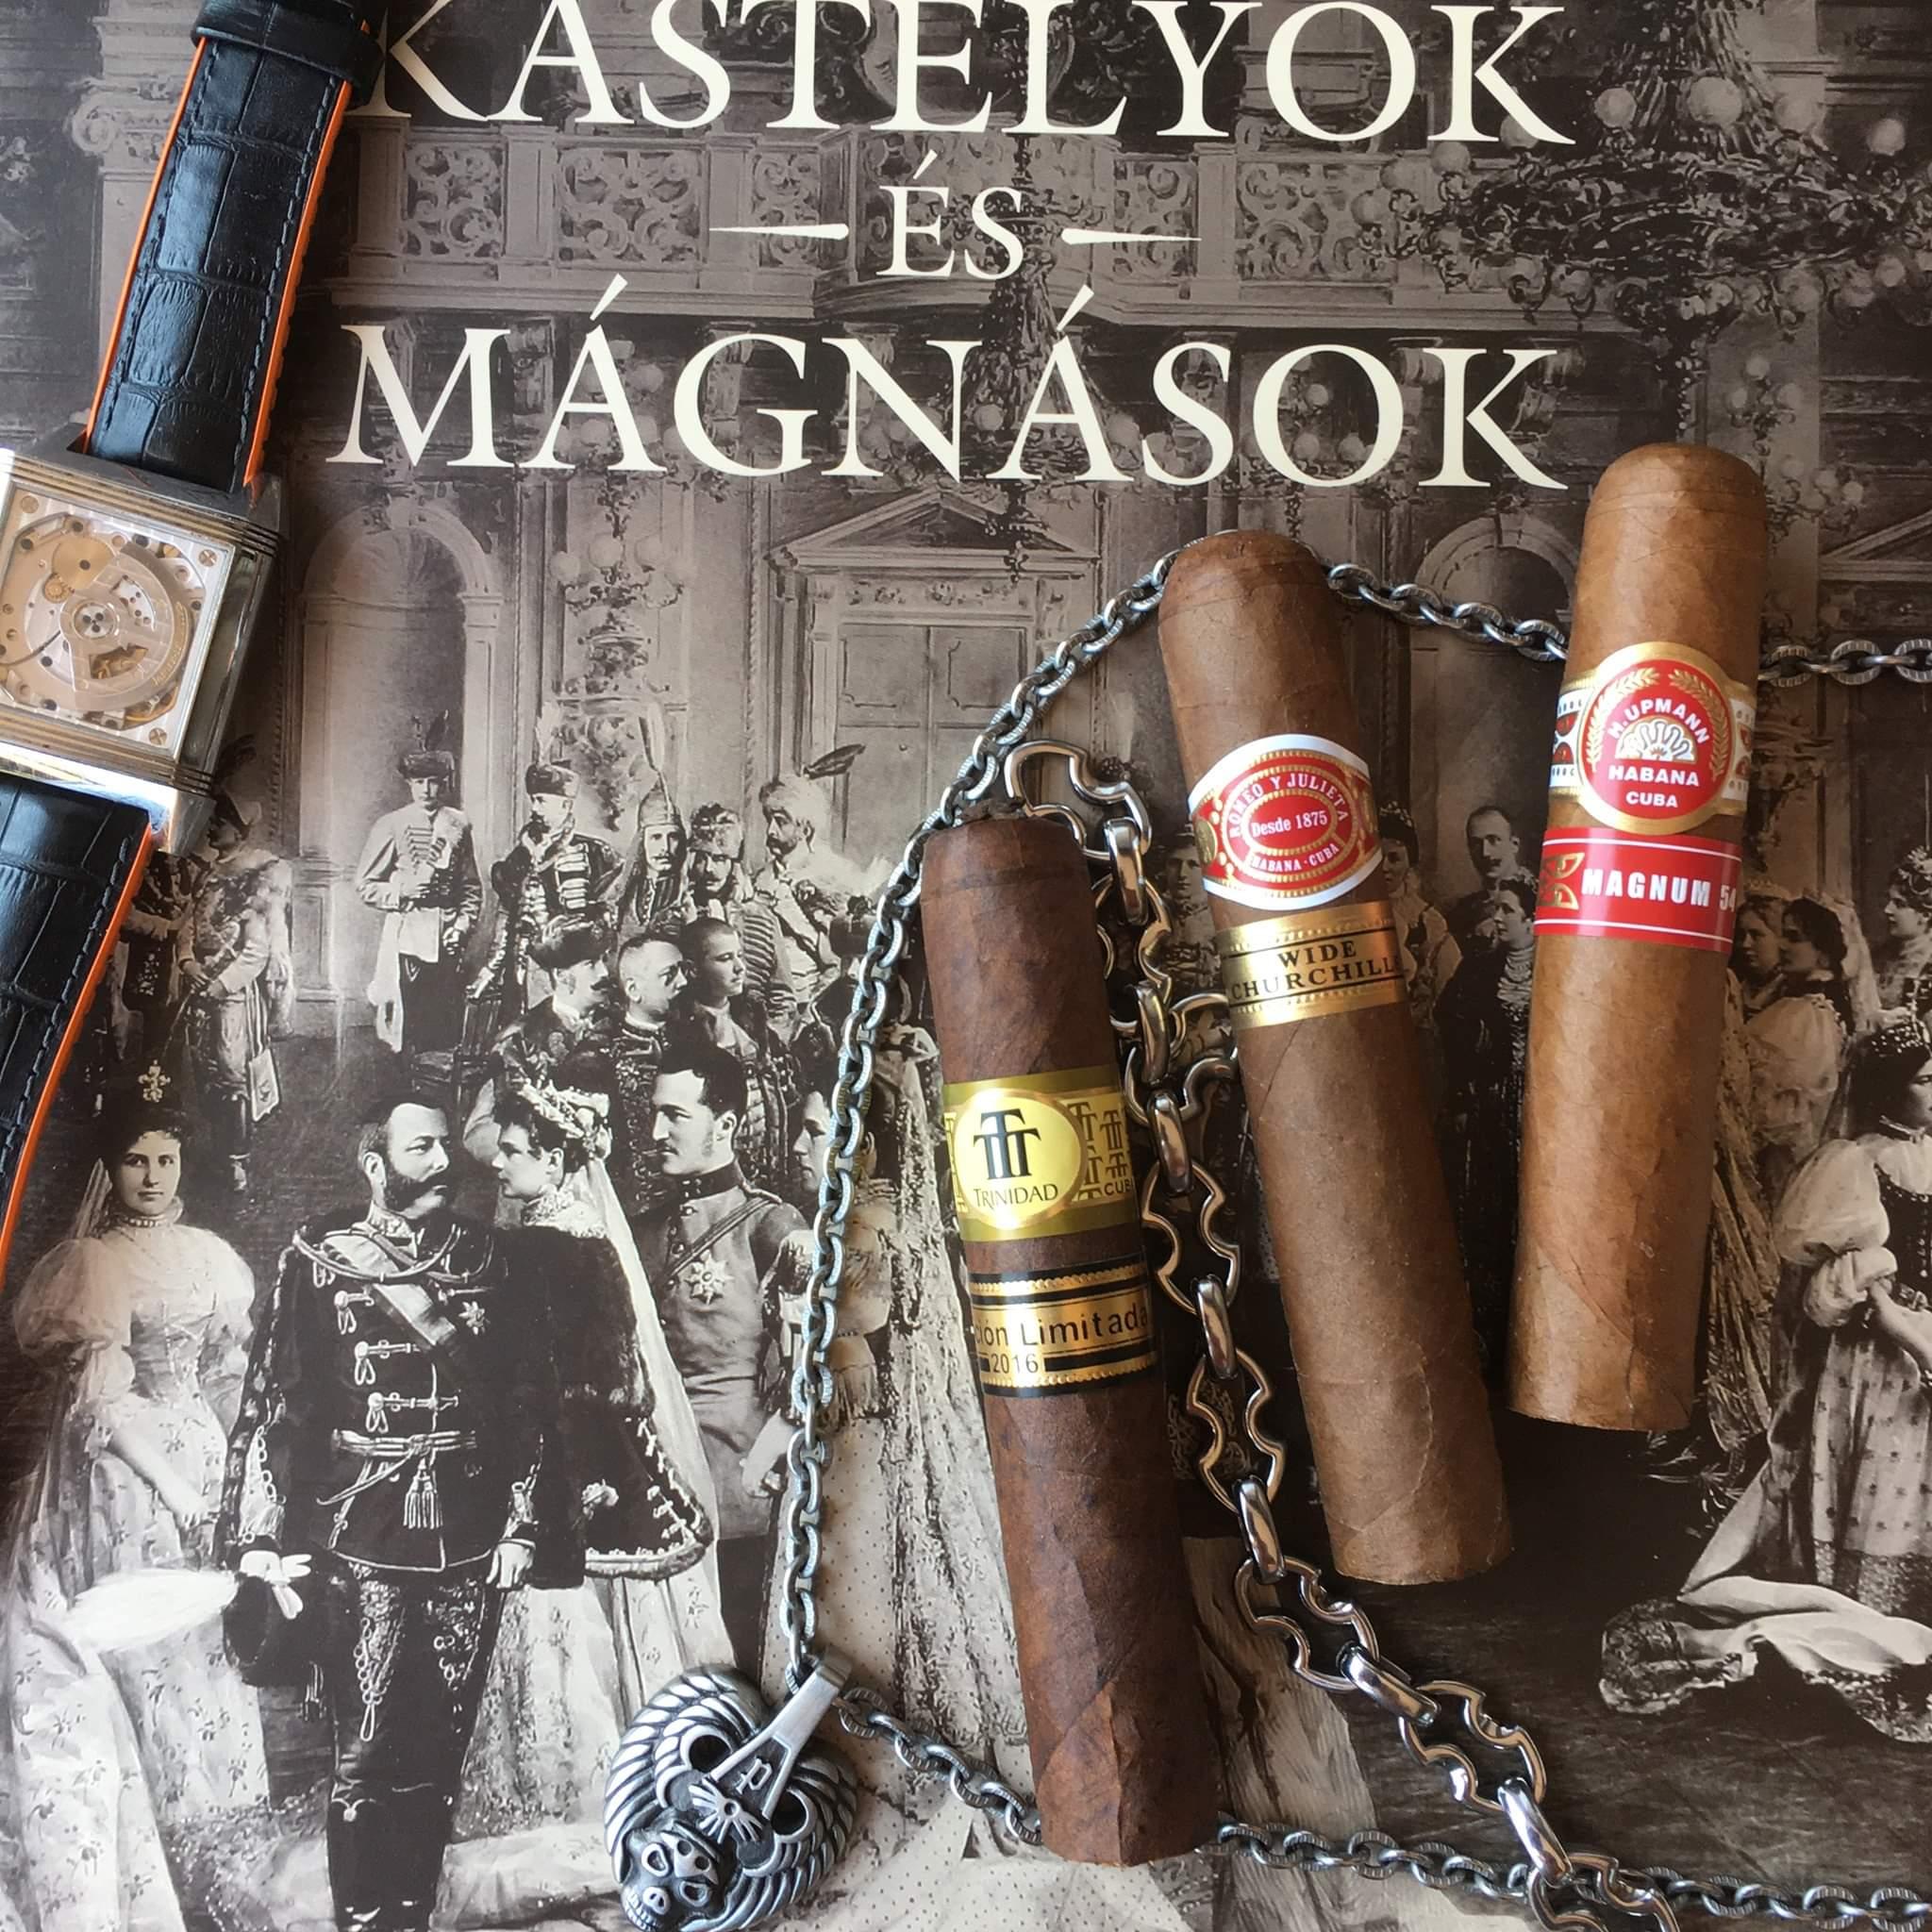 kastelyok_es_magnasok_a_het_szivarjai_cigarmonkeys_1.JPG